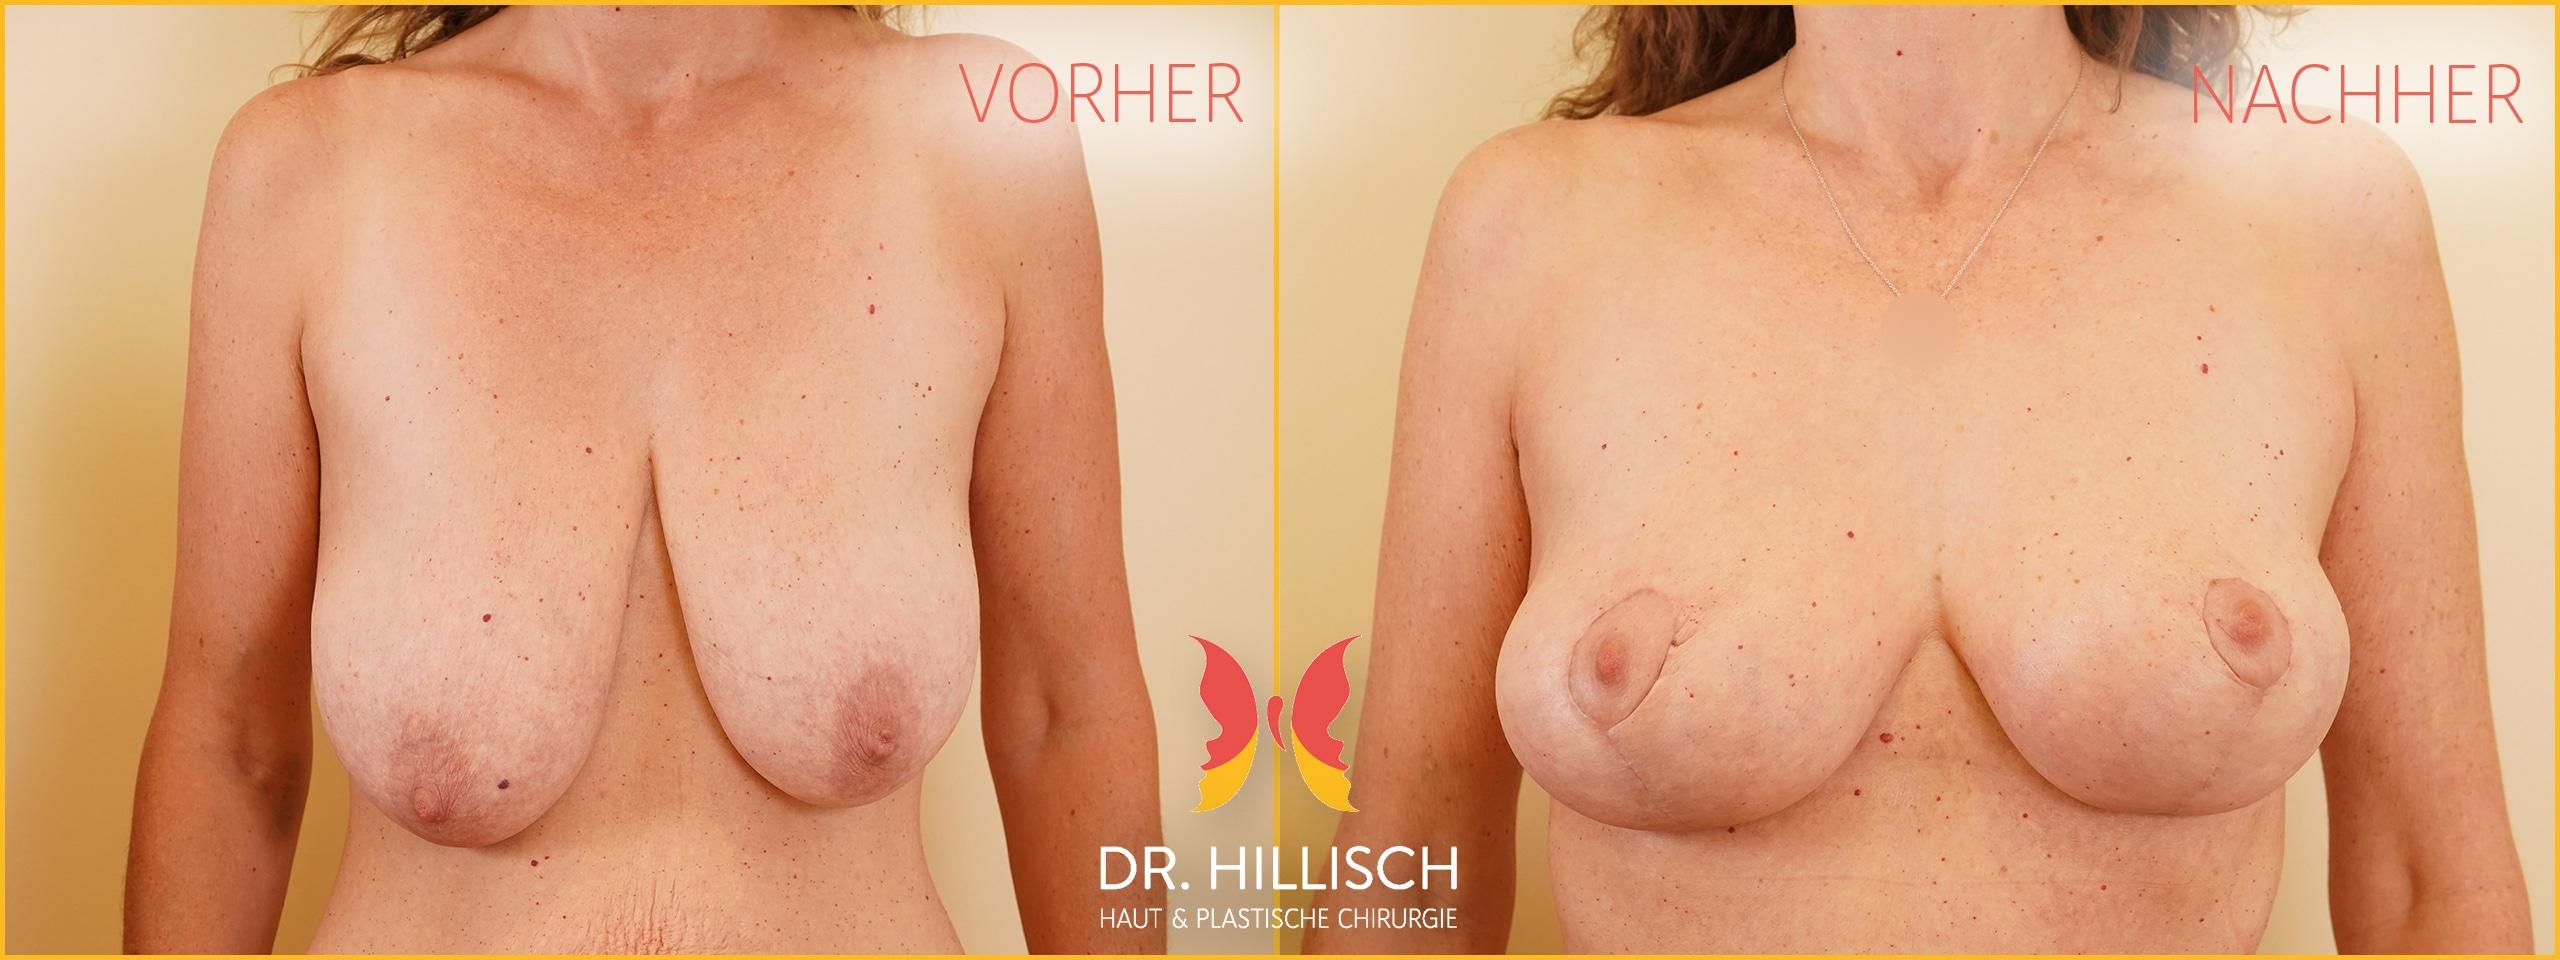 Bruststraffung Vorher Nachher Patient 049